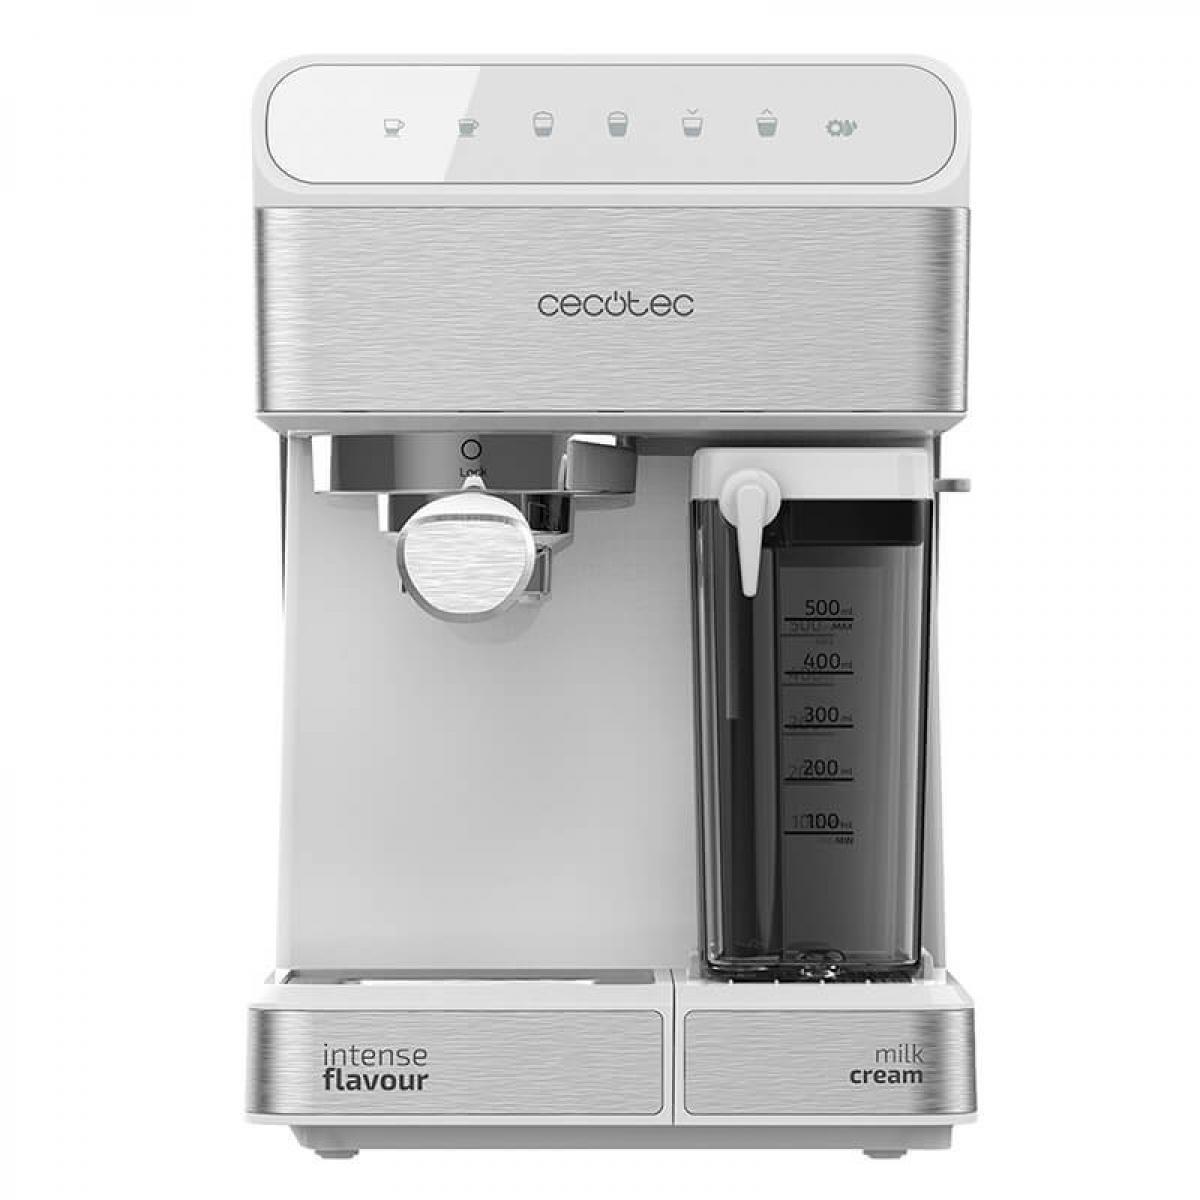 Cecotec Cecotec, Machine à café Semiautomatique Power Instantccino 20 Touch Serie Bianca, 20 bars de Pression, 1,4 L, 6 Fonction